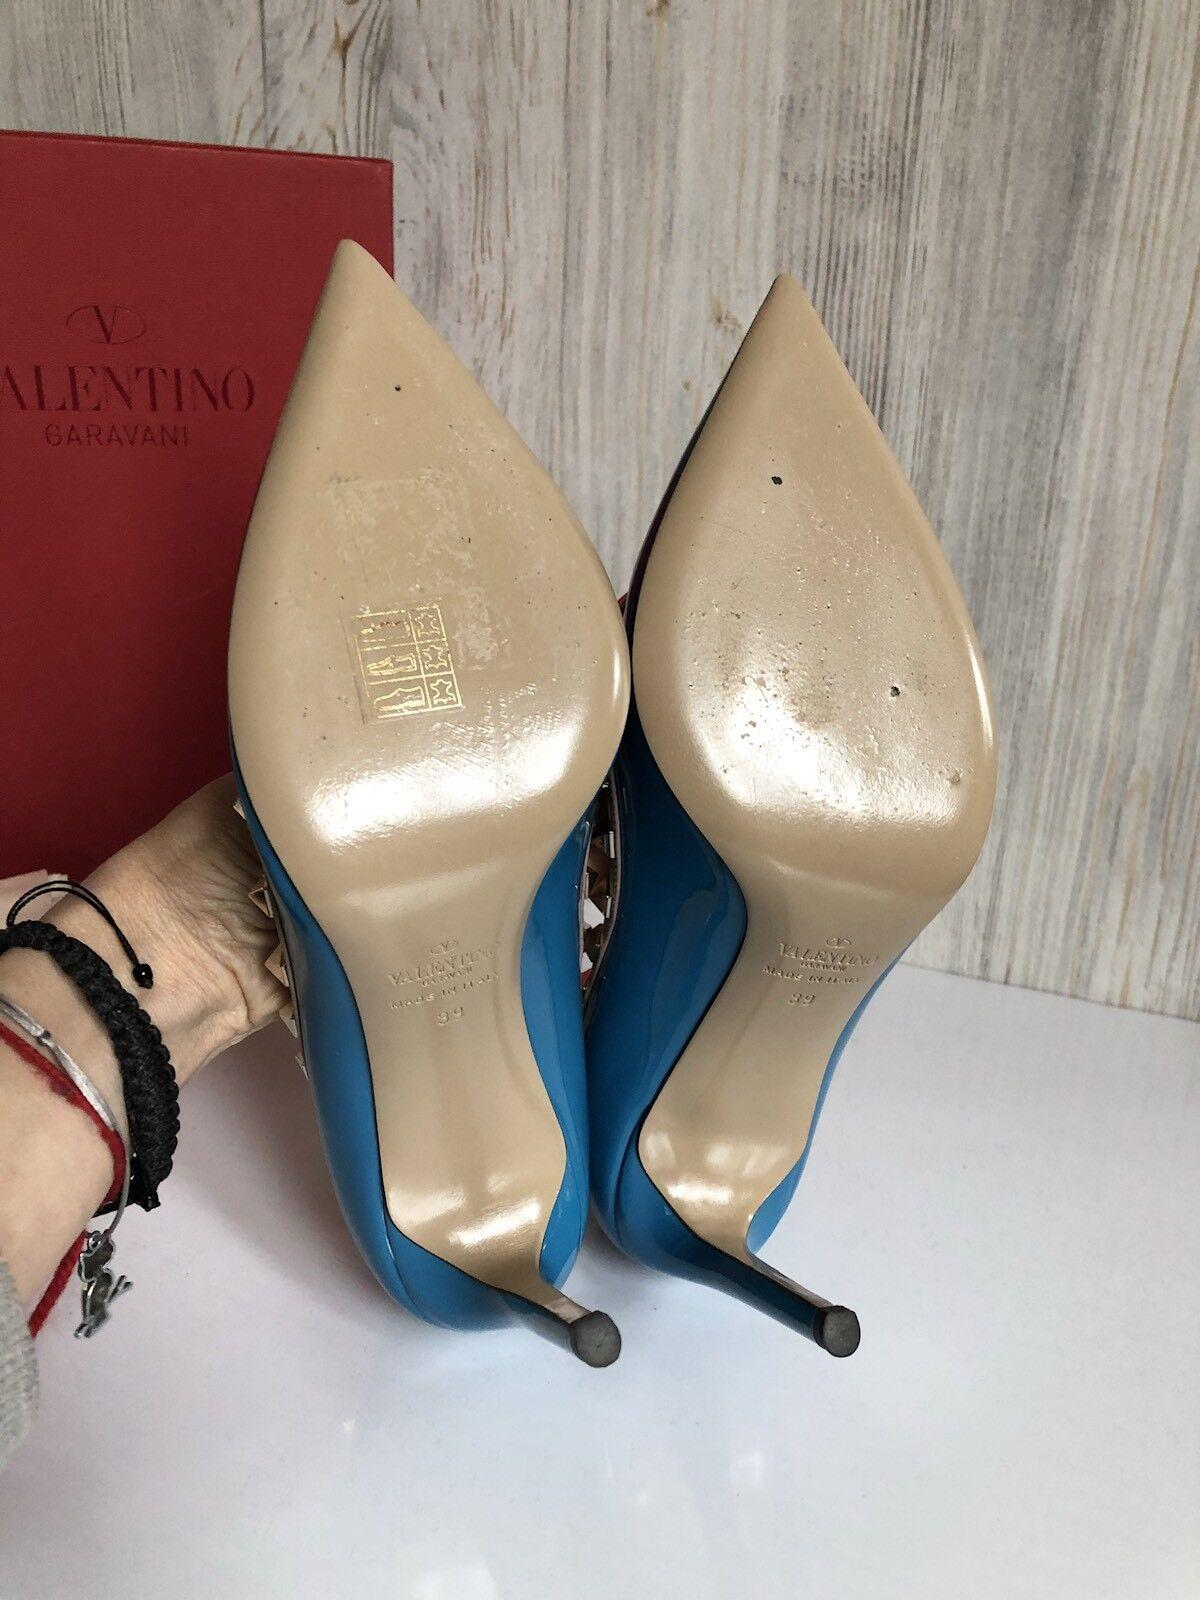 Valentino Rockstud Rockstud Rockstud 39 bluee Patent Leather Studed Pumps Classic NIB AUTH c7b590